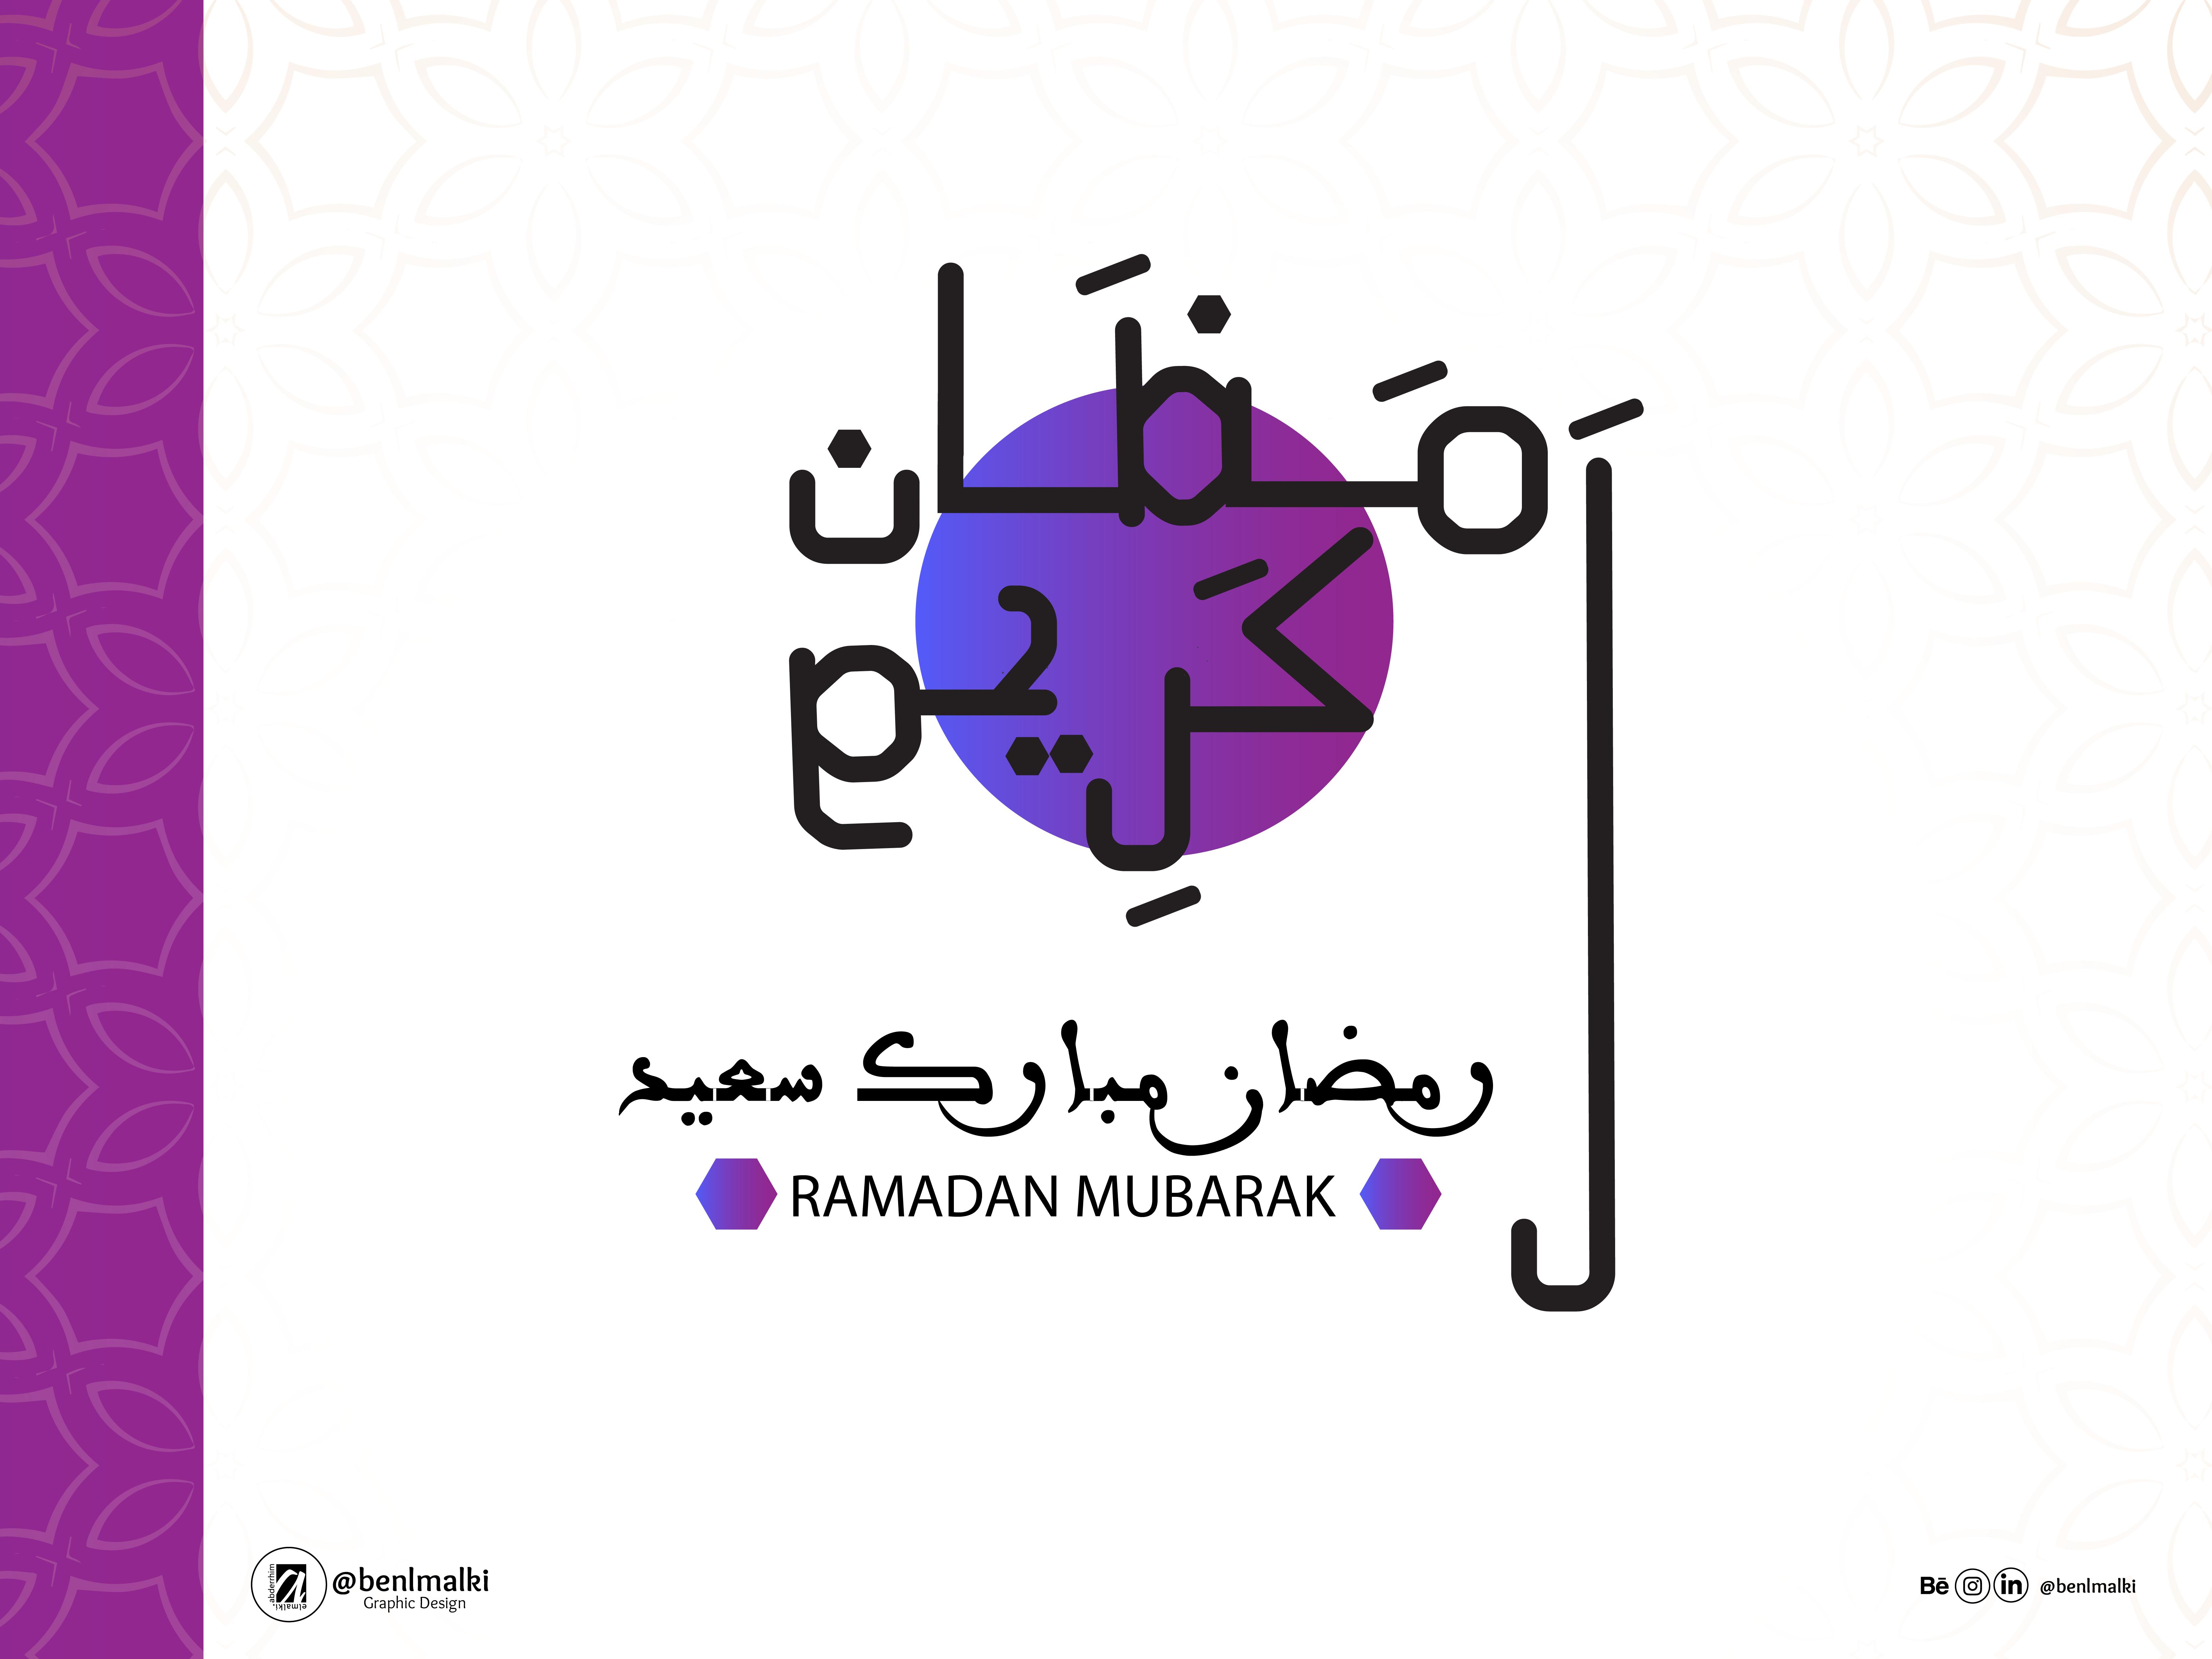 مخطوطة رمضان كريم/ مخطوطة رقم 2 المصممة